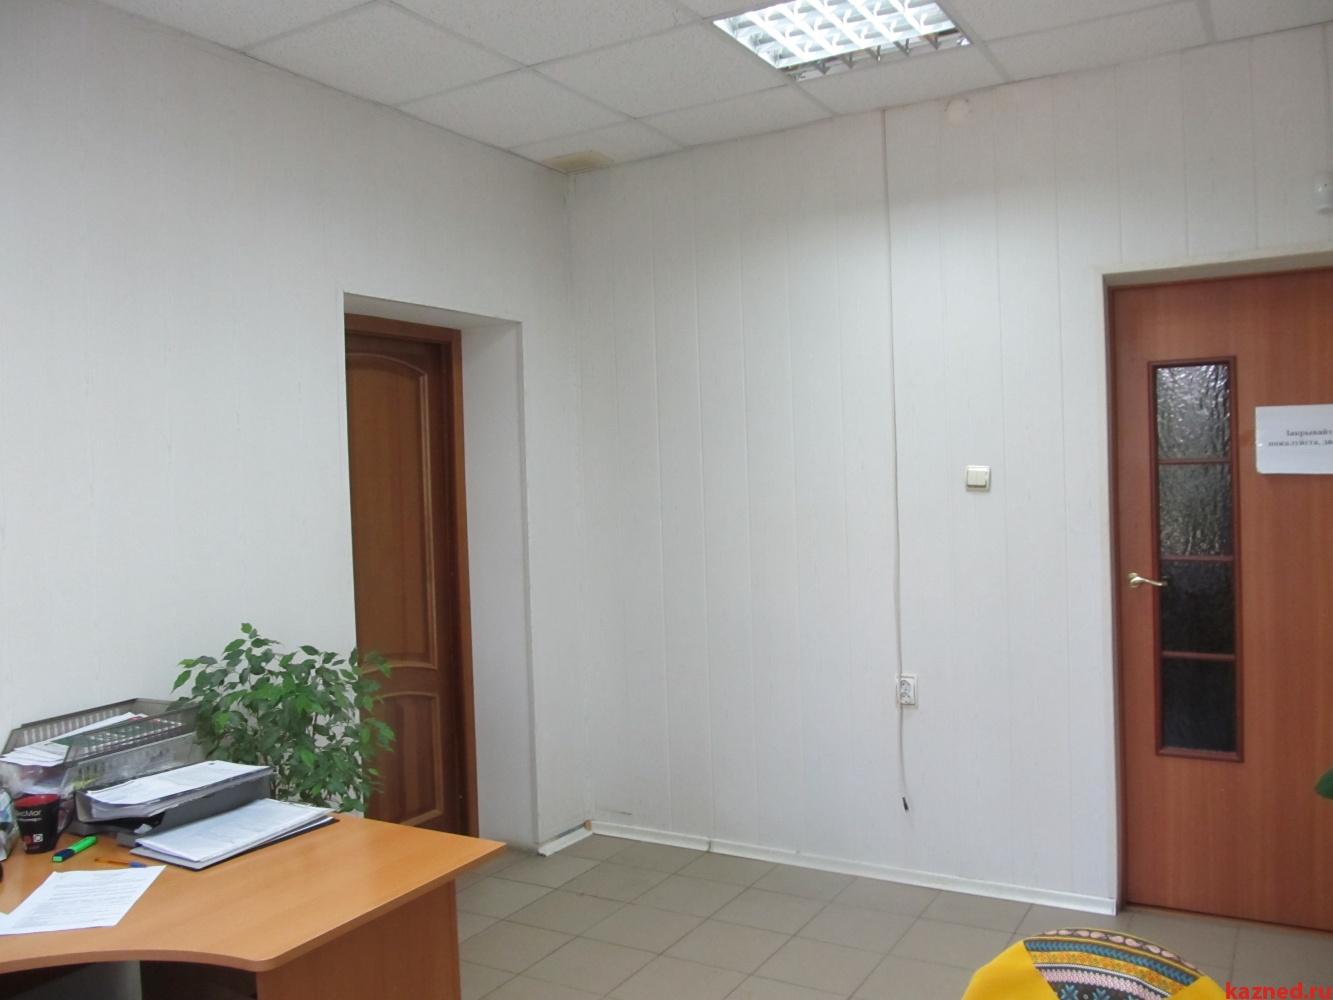 Офисное помещение 95,2 м2 в центре города. Напротив Suvar Plaza. (миниатюра №13)